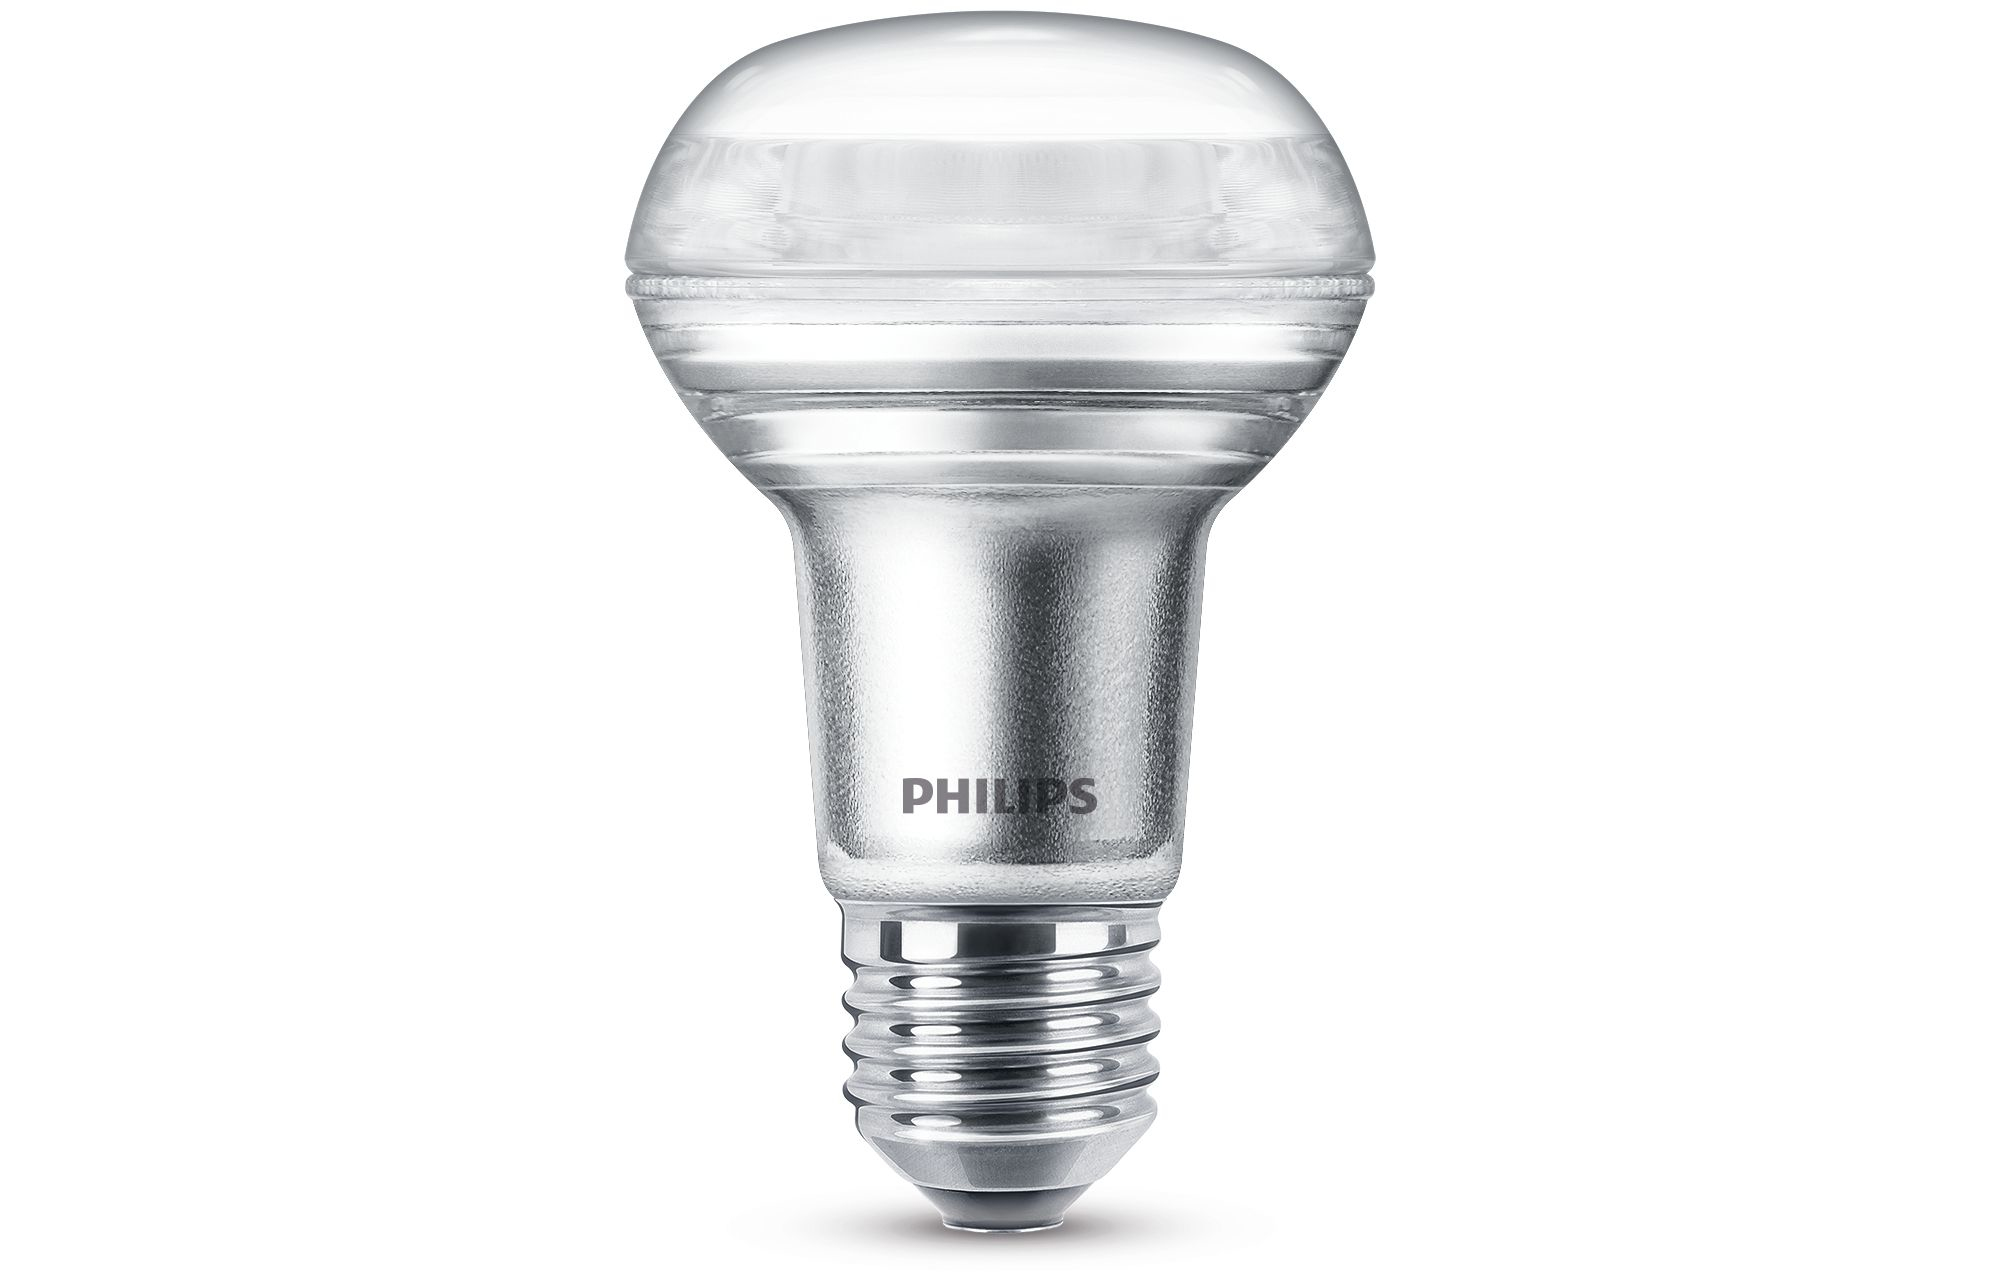 Philips Duurzame LED-accentverlichting met een gerichte bundel